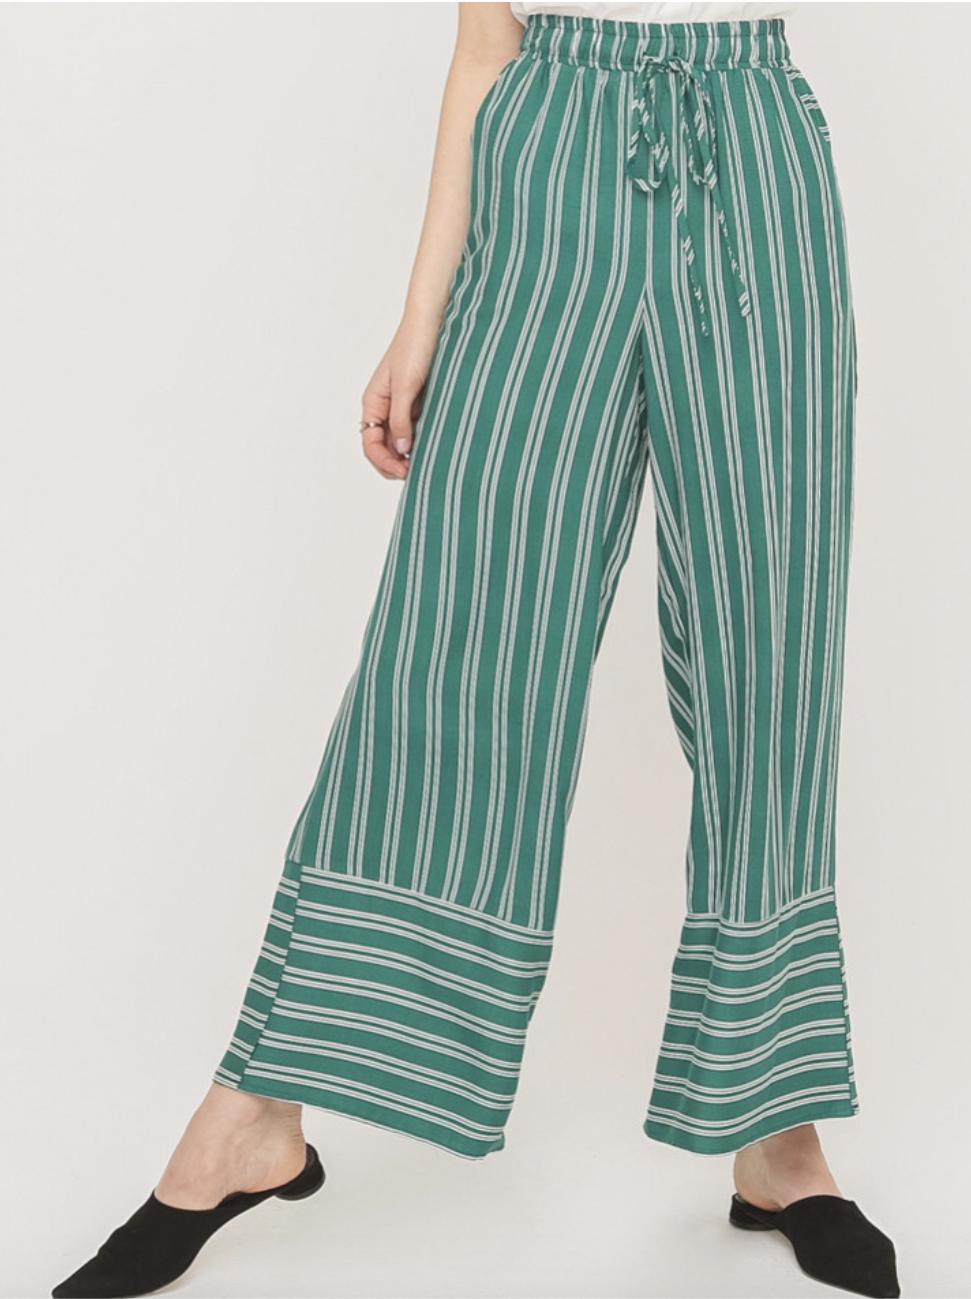 Green Striped Pants